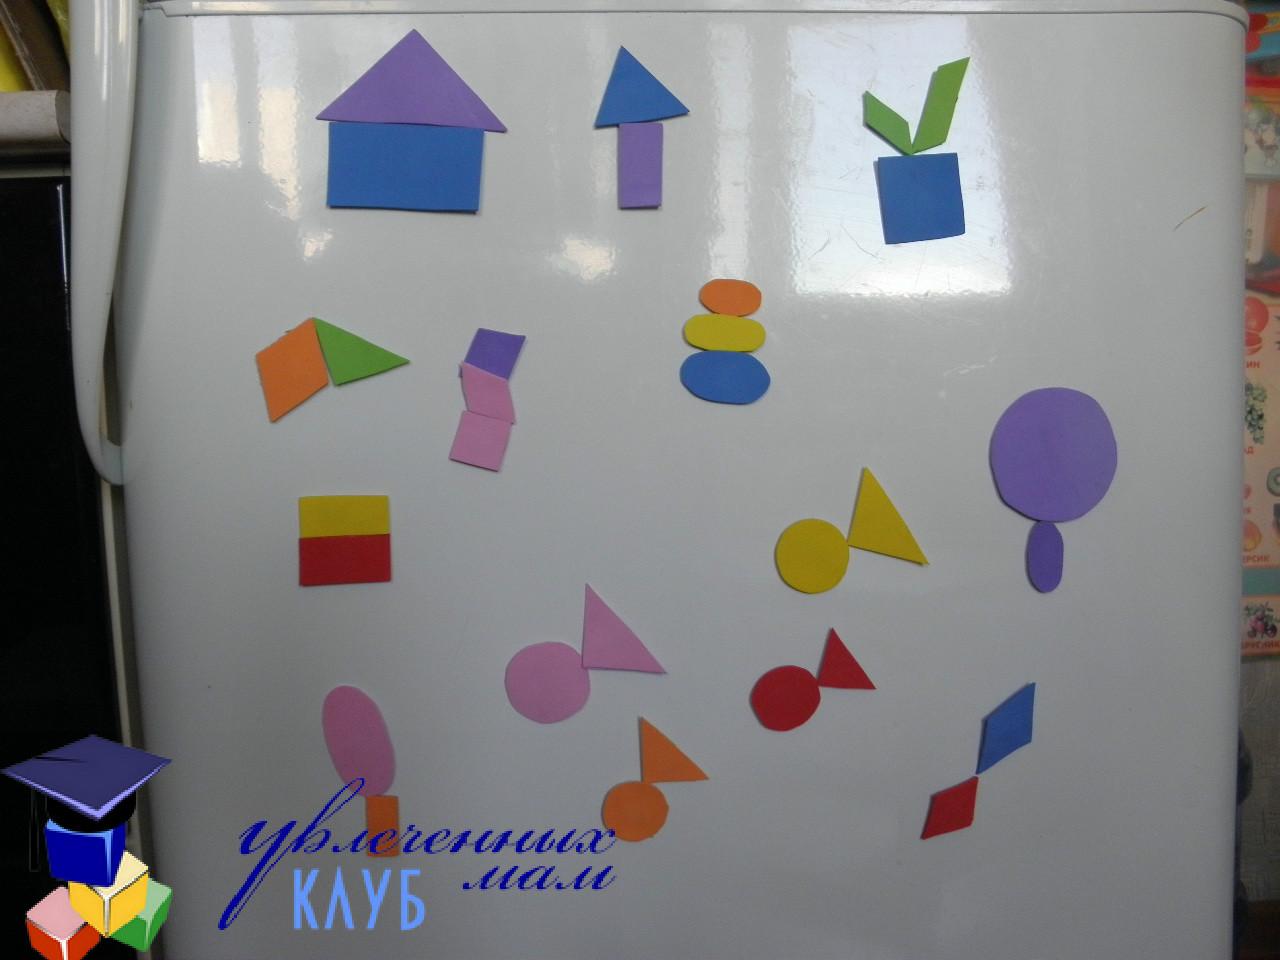 Игры с геометрическими фигурами Набор геометрический фигур на холодильнике